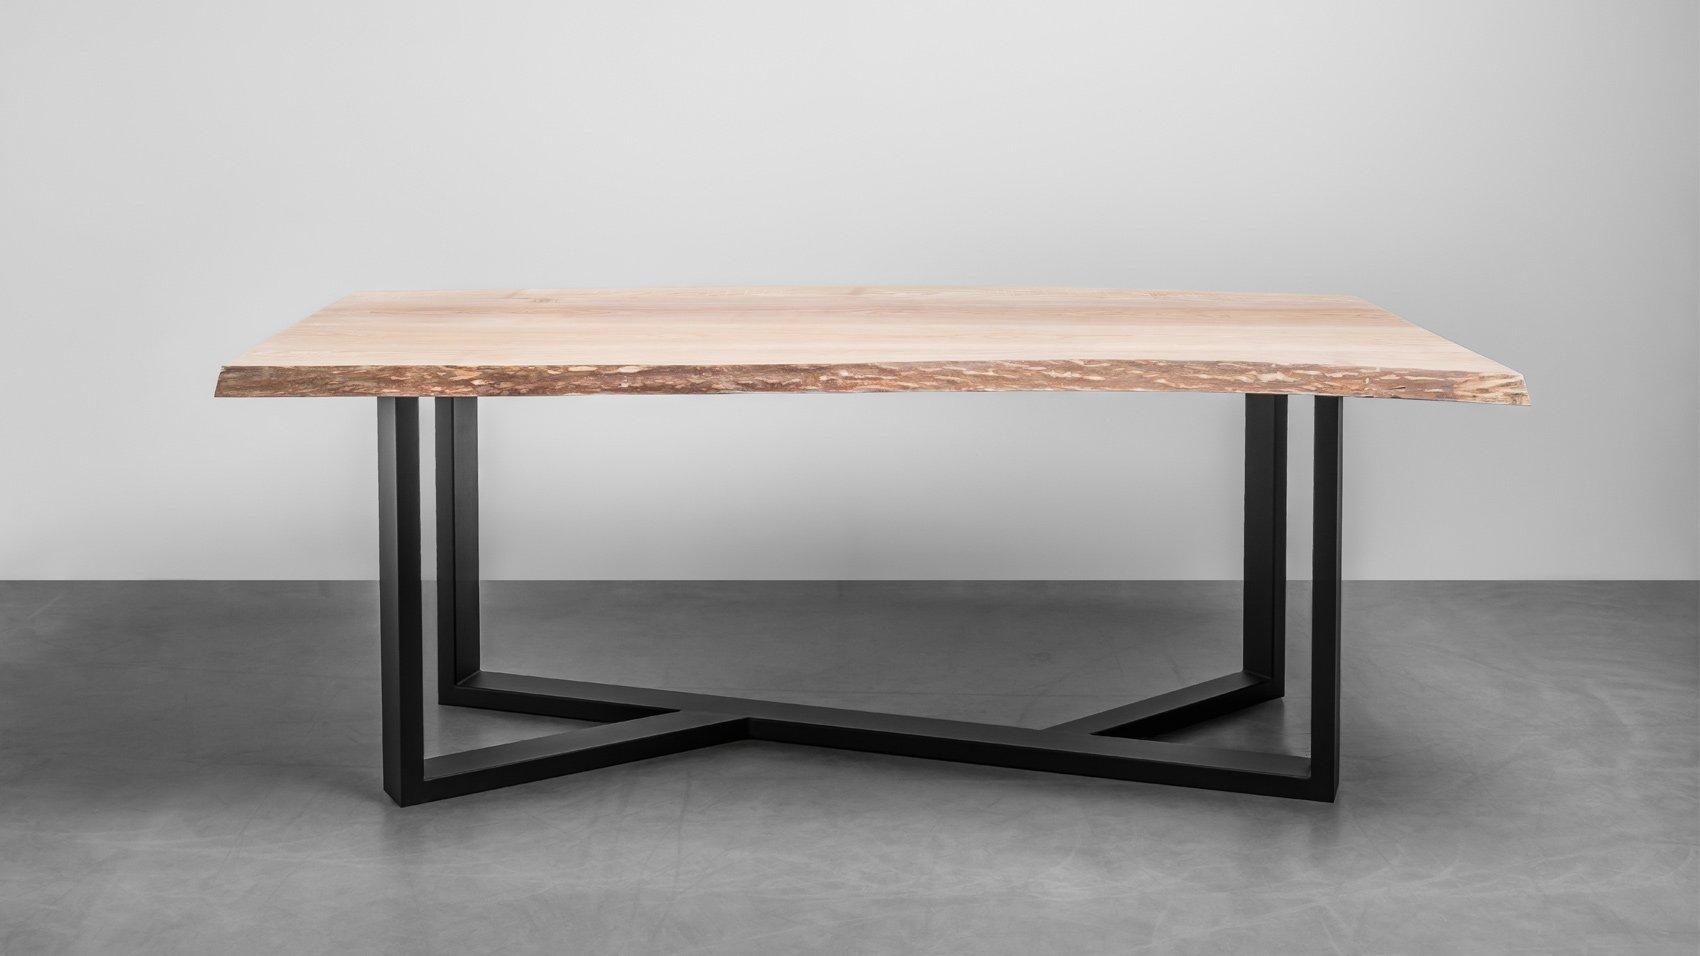 Industrialny stół z litego drewna z naturalnymi krawędziami do jadalni. Stół posiada naturalne krawędzie tzw. offlisem - stół King od Hoom